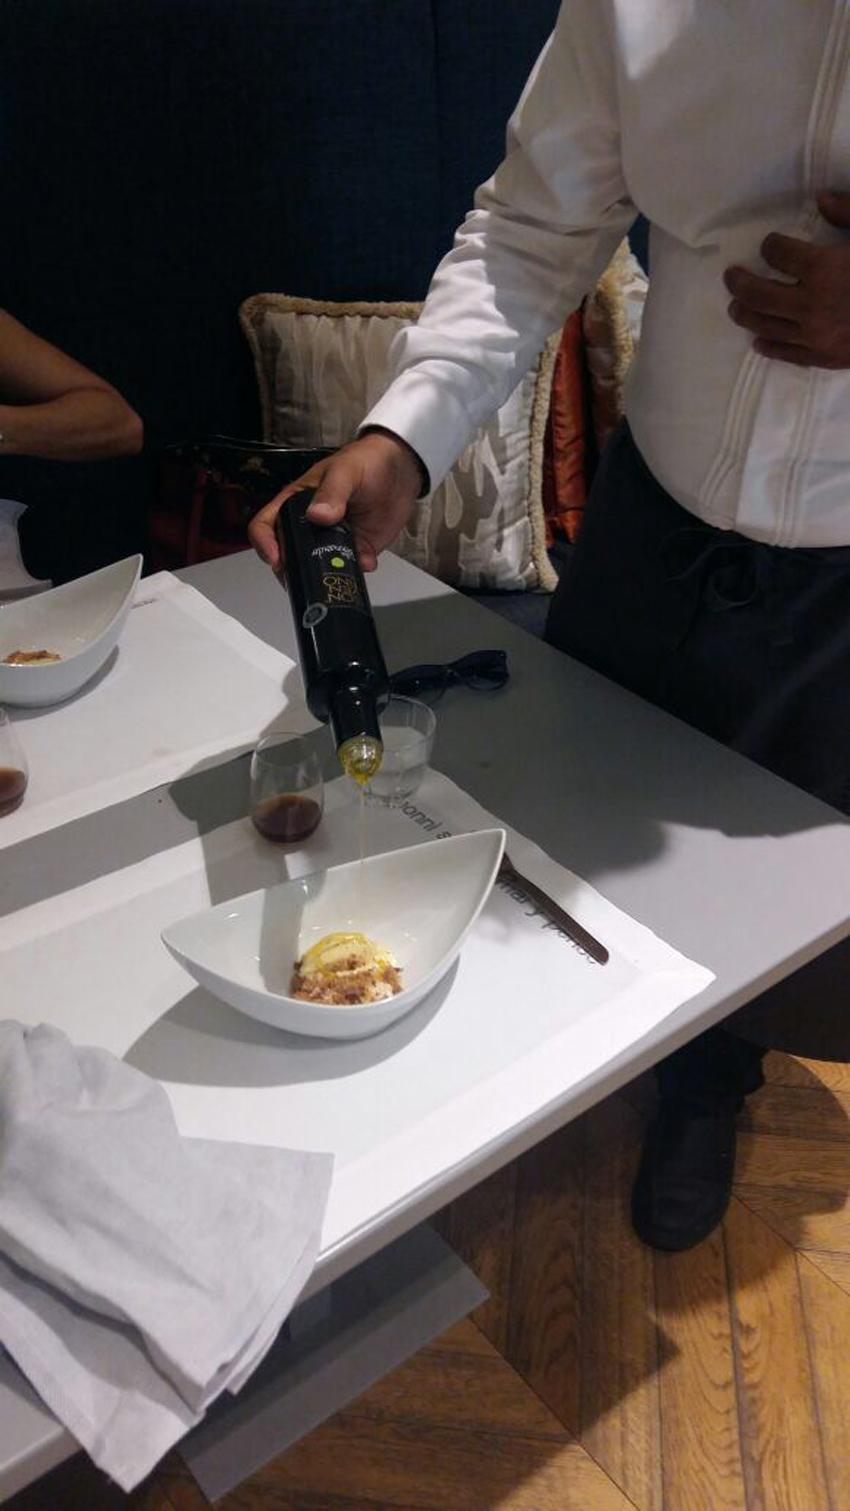 Nel tempio della cucina toscana c'è grande considerazione per i vini e i prodotti delle Marche